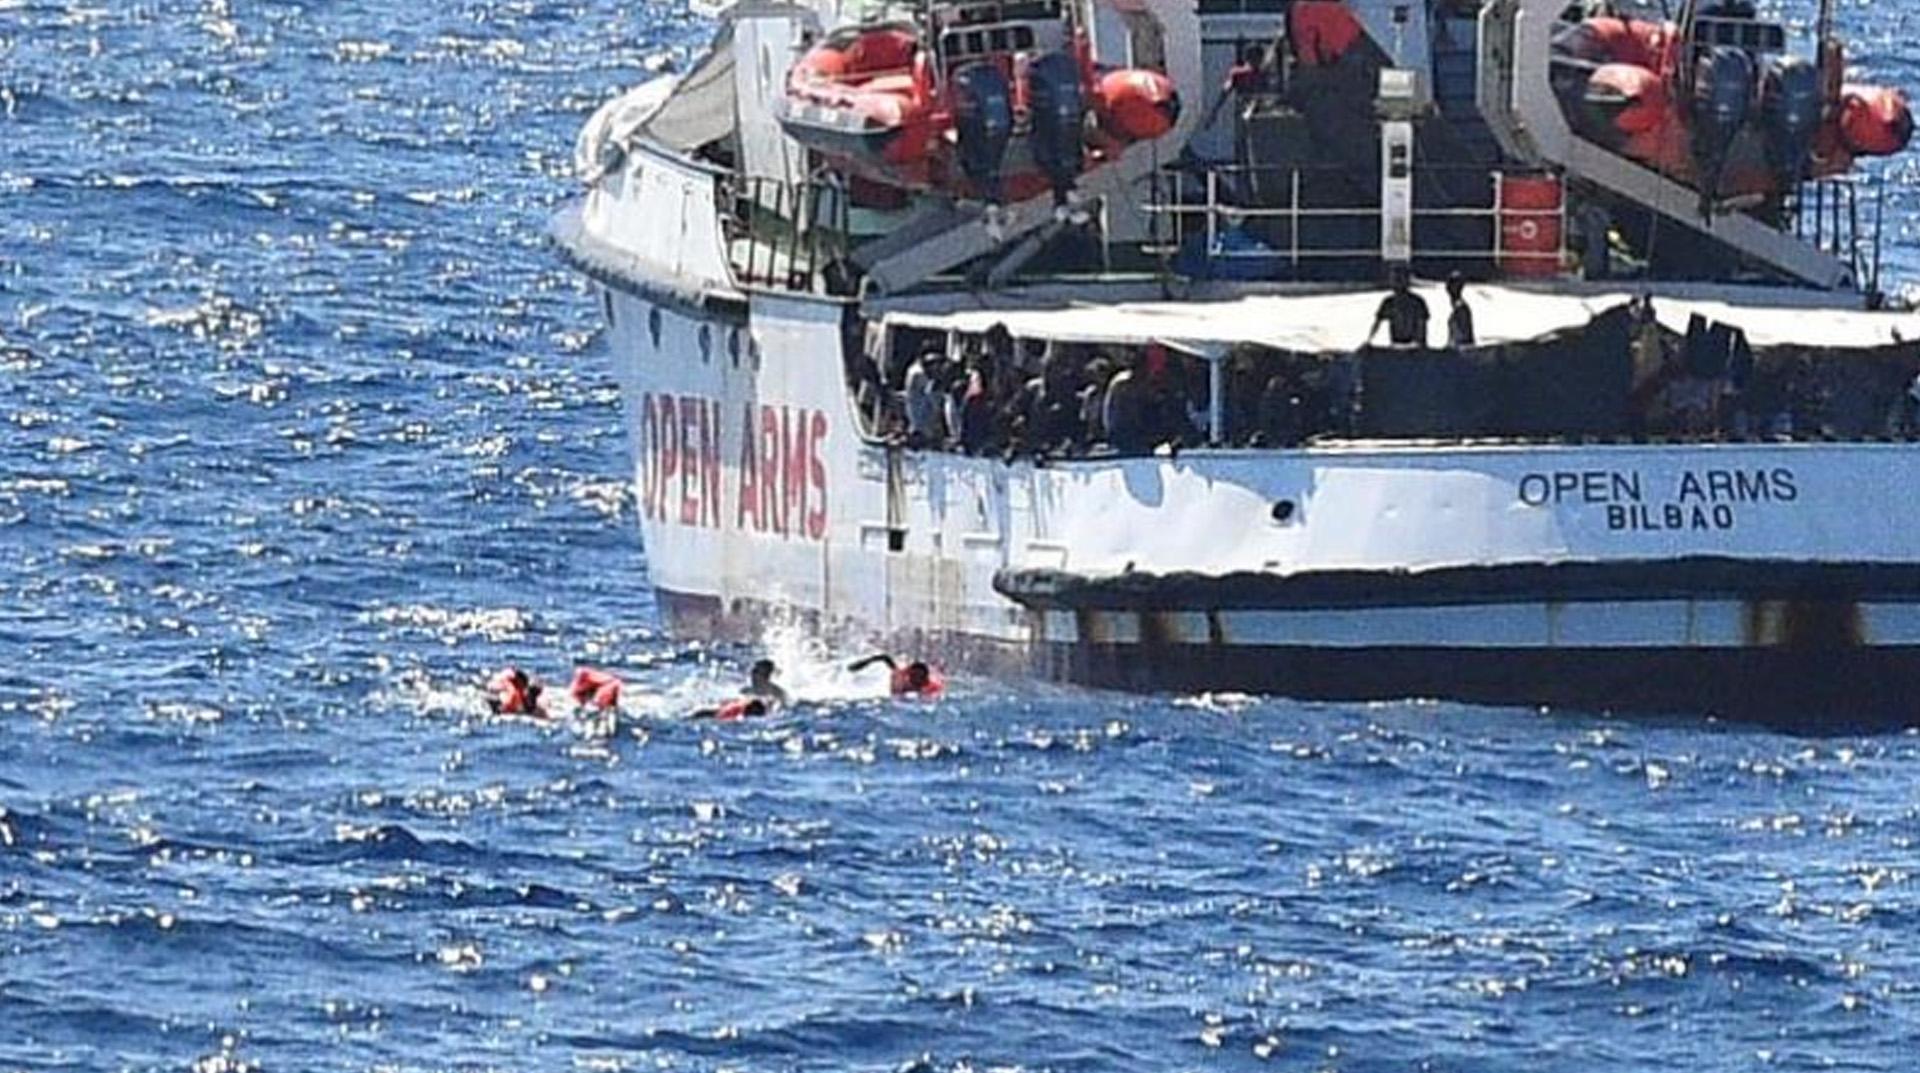 İtalya açıklarında 20 gündür gemide bekletilen mülteciler karaya çıktı